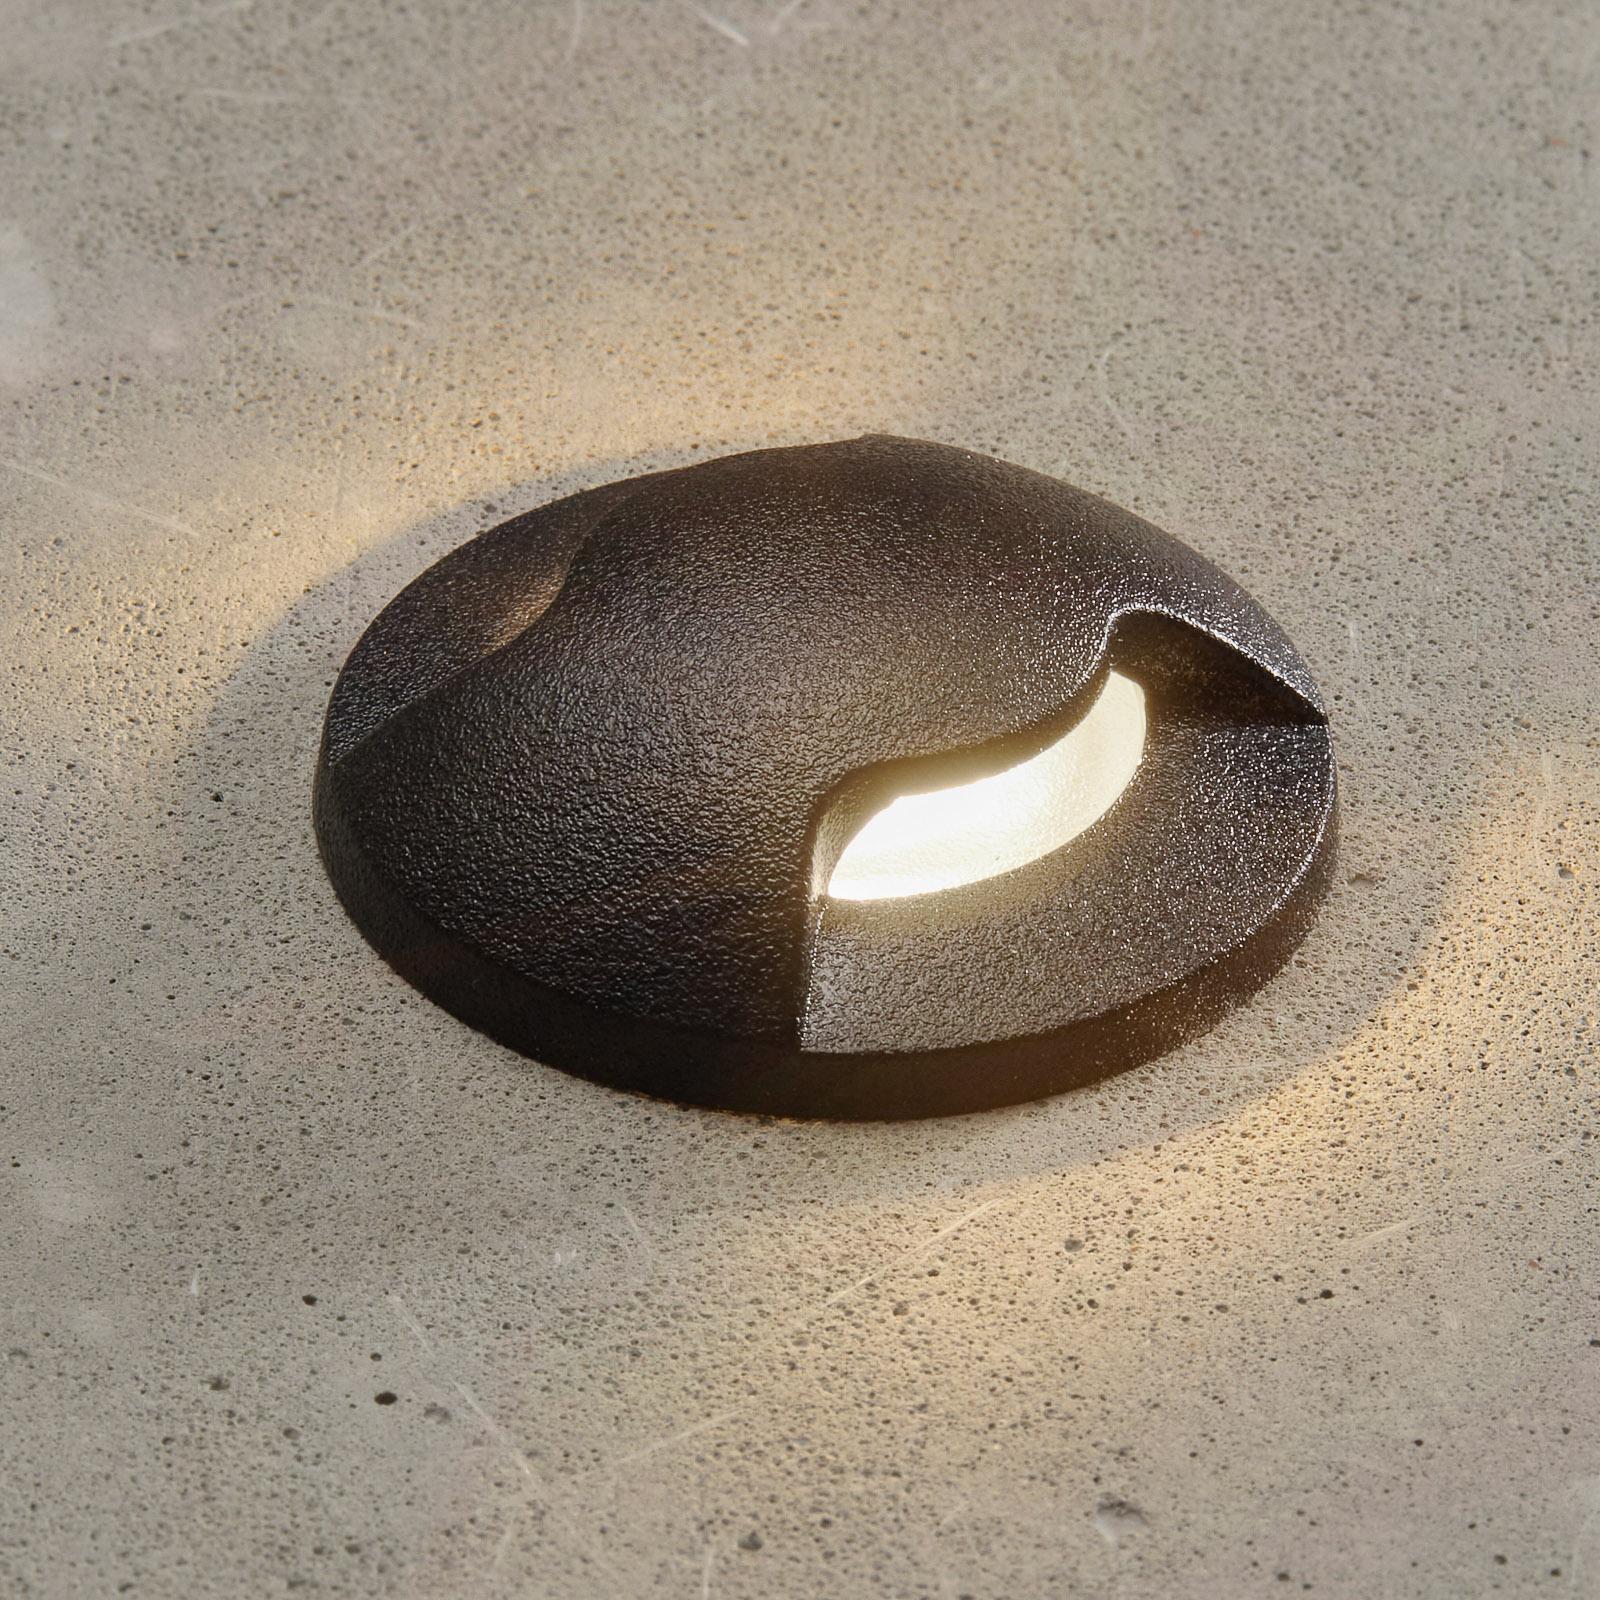 LED-innfellingslampe Aldo 2L svart/klar 3000K